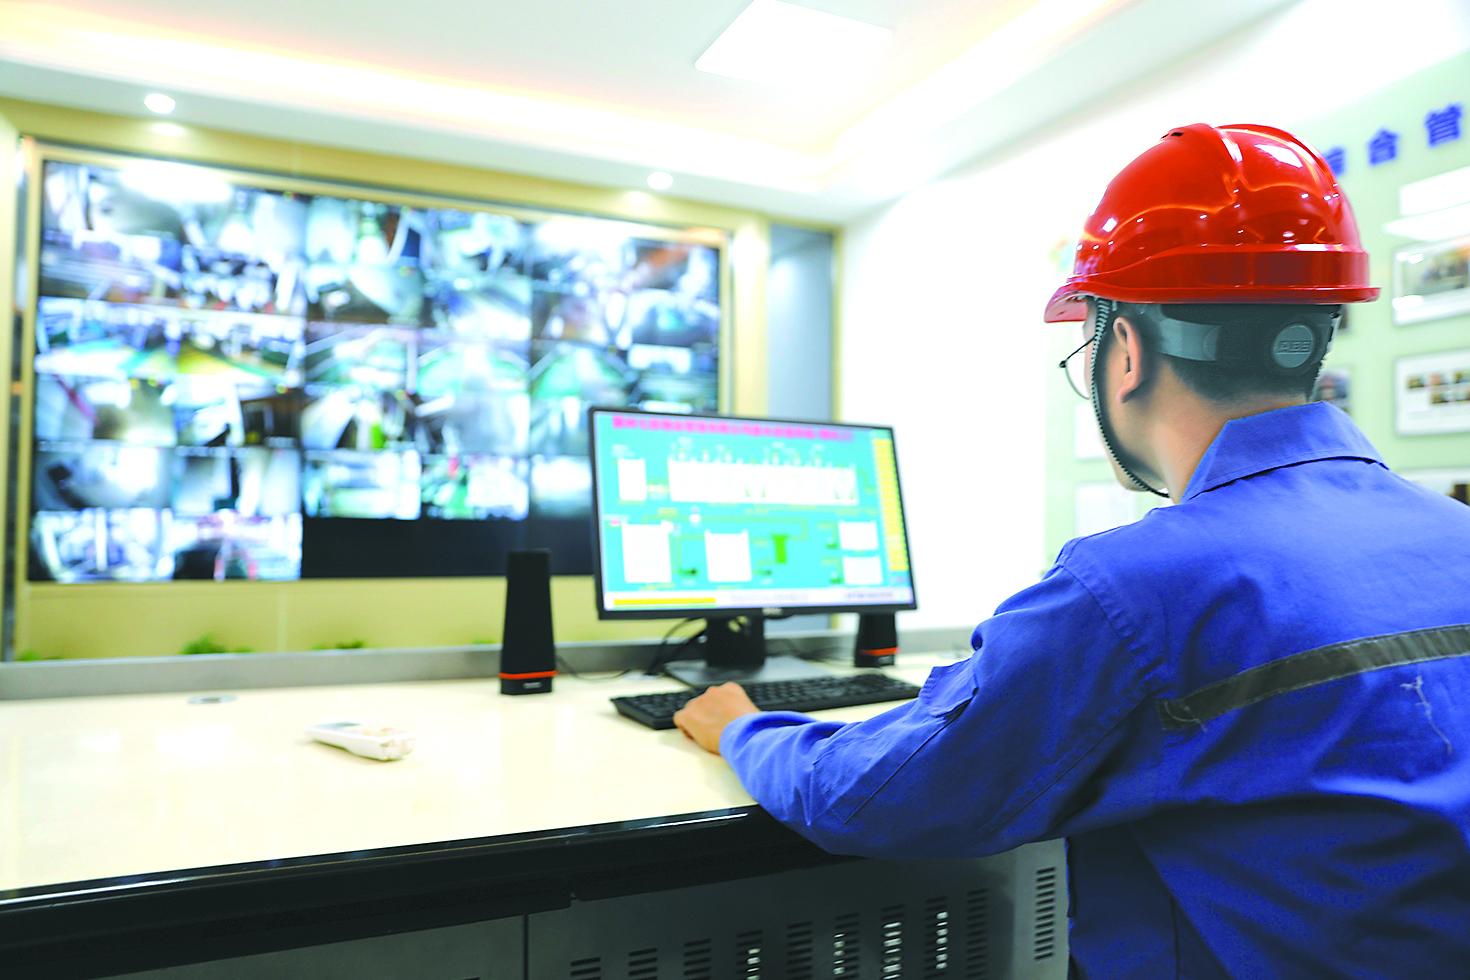 鄞州电镀园区构筑安全生产立体防线